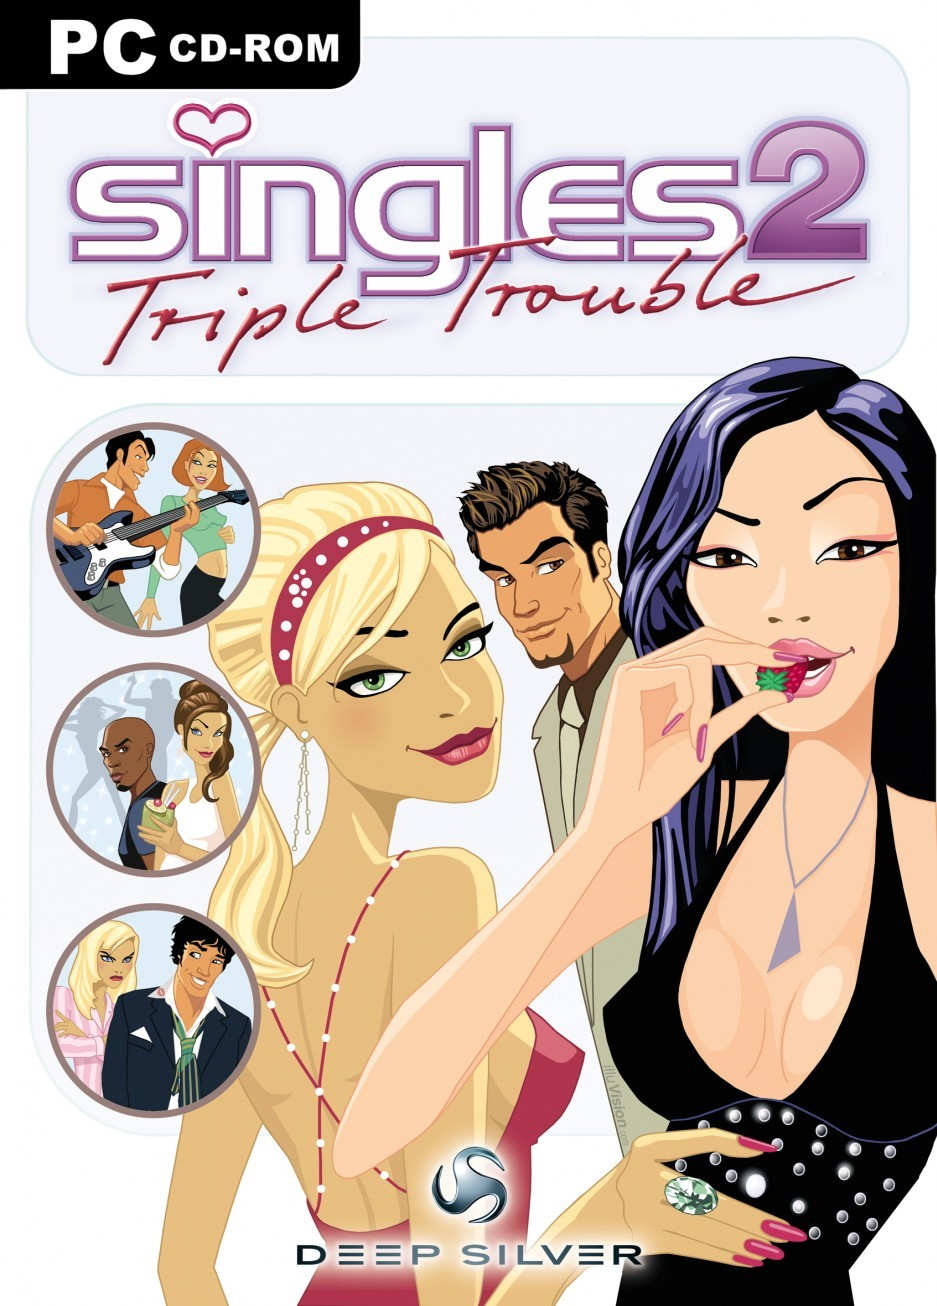 flirting game download free: